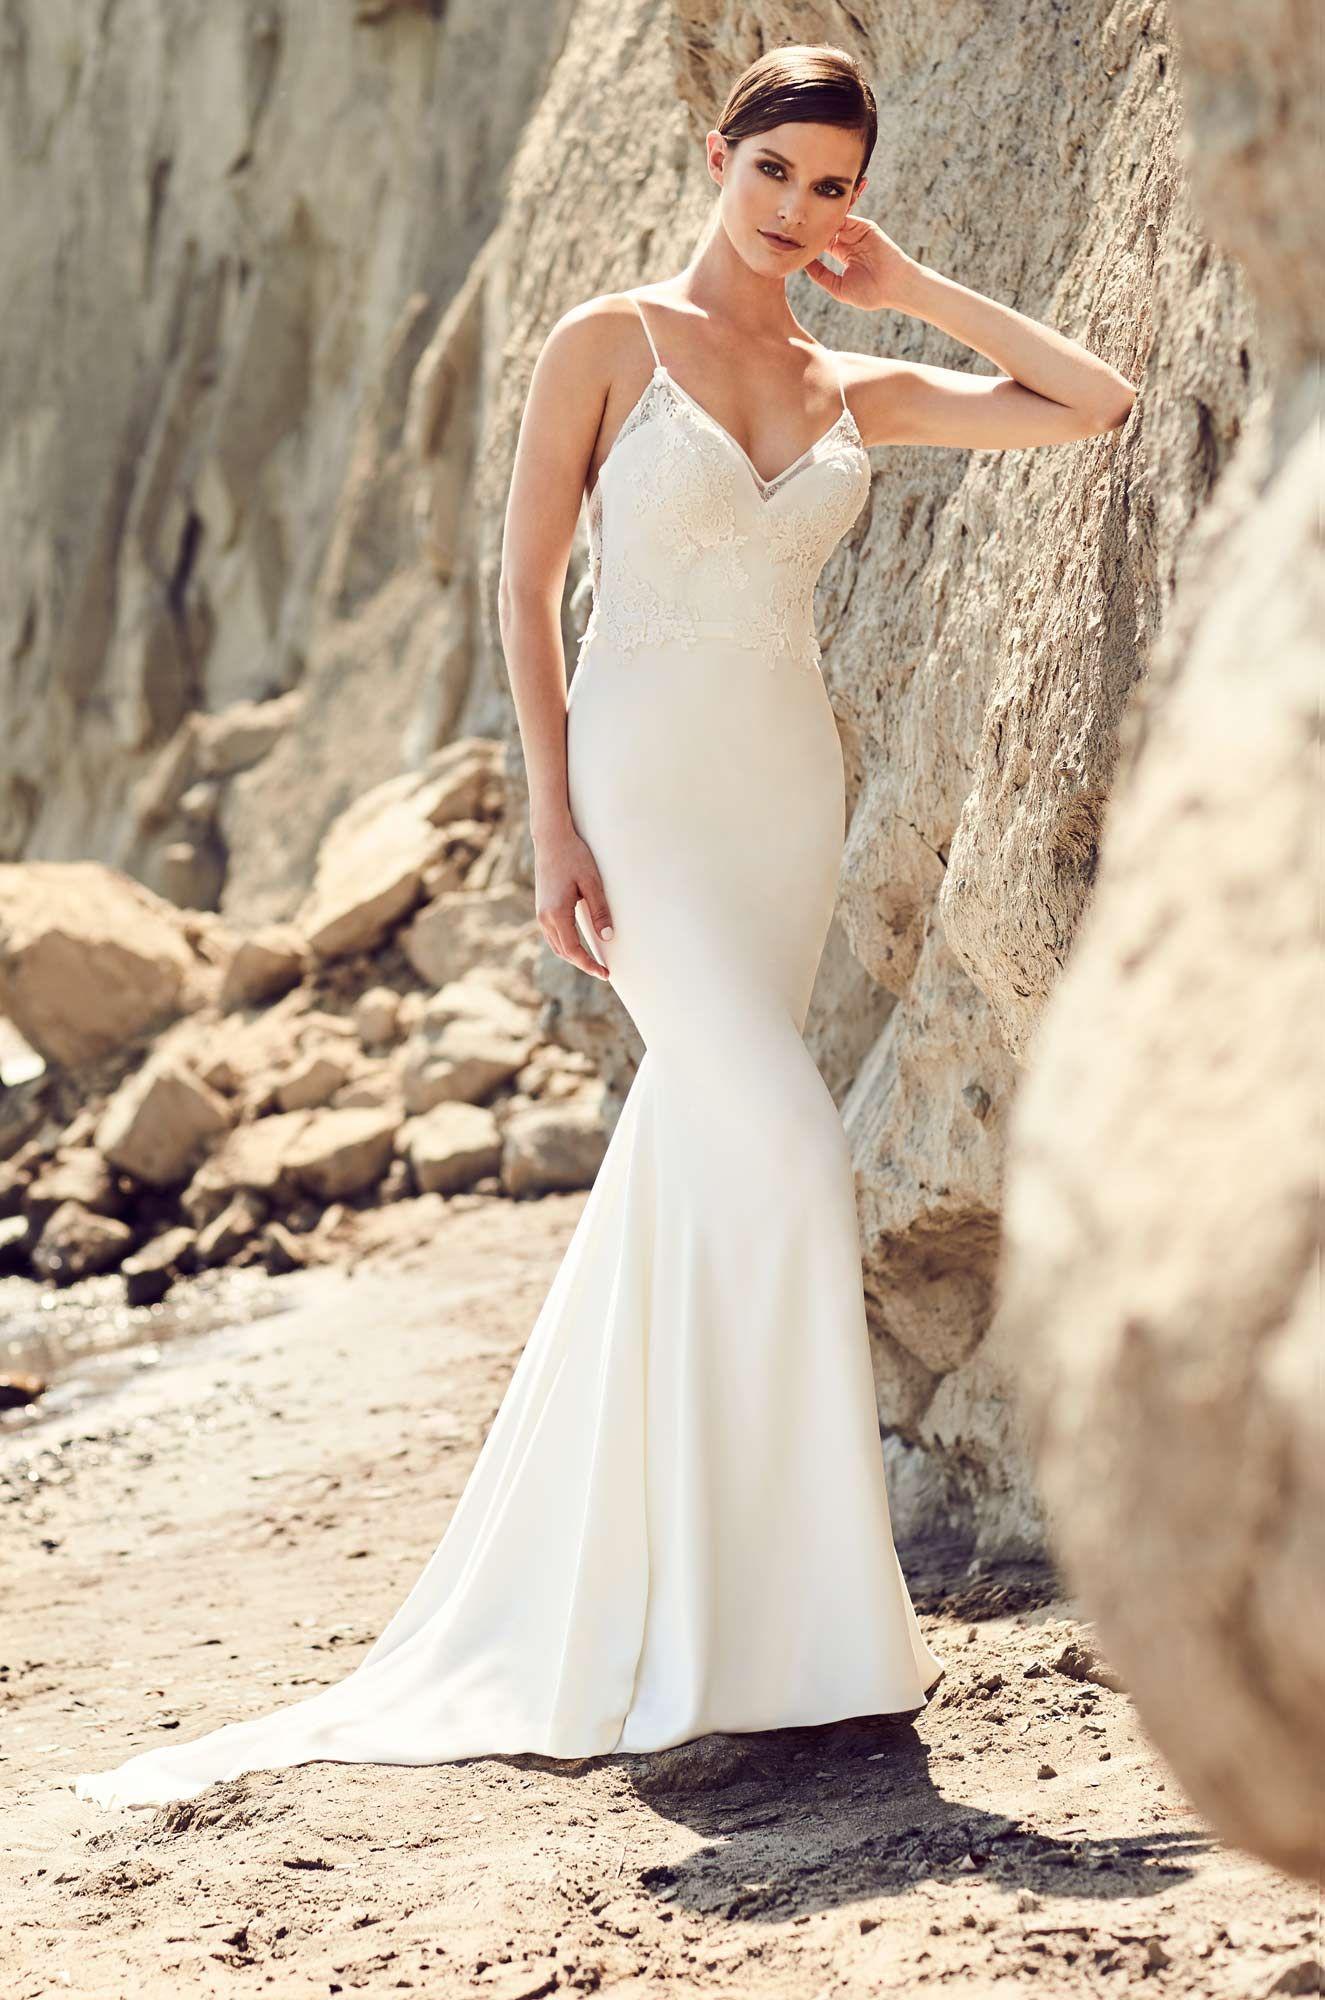 Embroidered Neckline Wedding Dress - Style #2102 | Belt tying ...